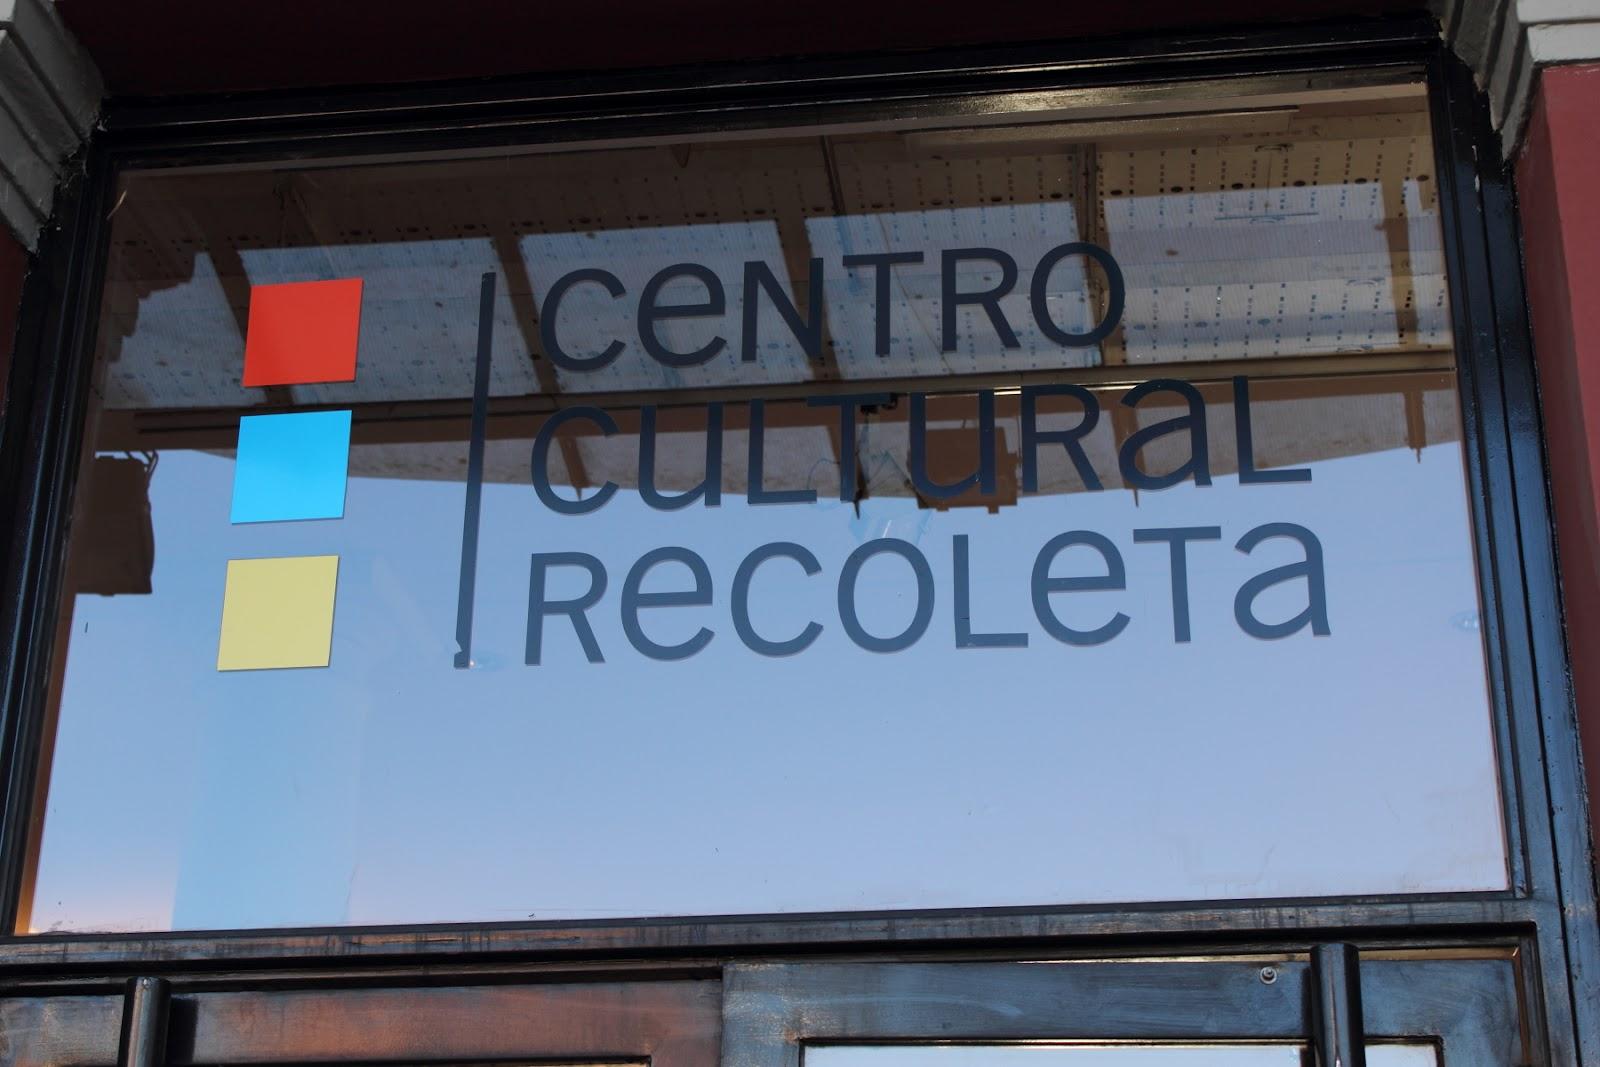 Centro Cultural - Recoleta, BsAs